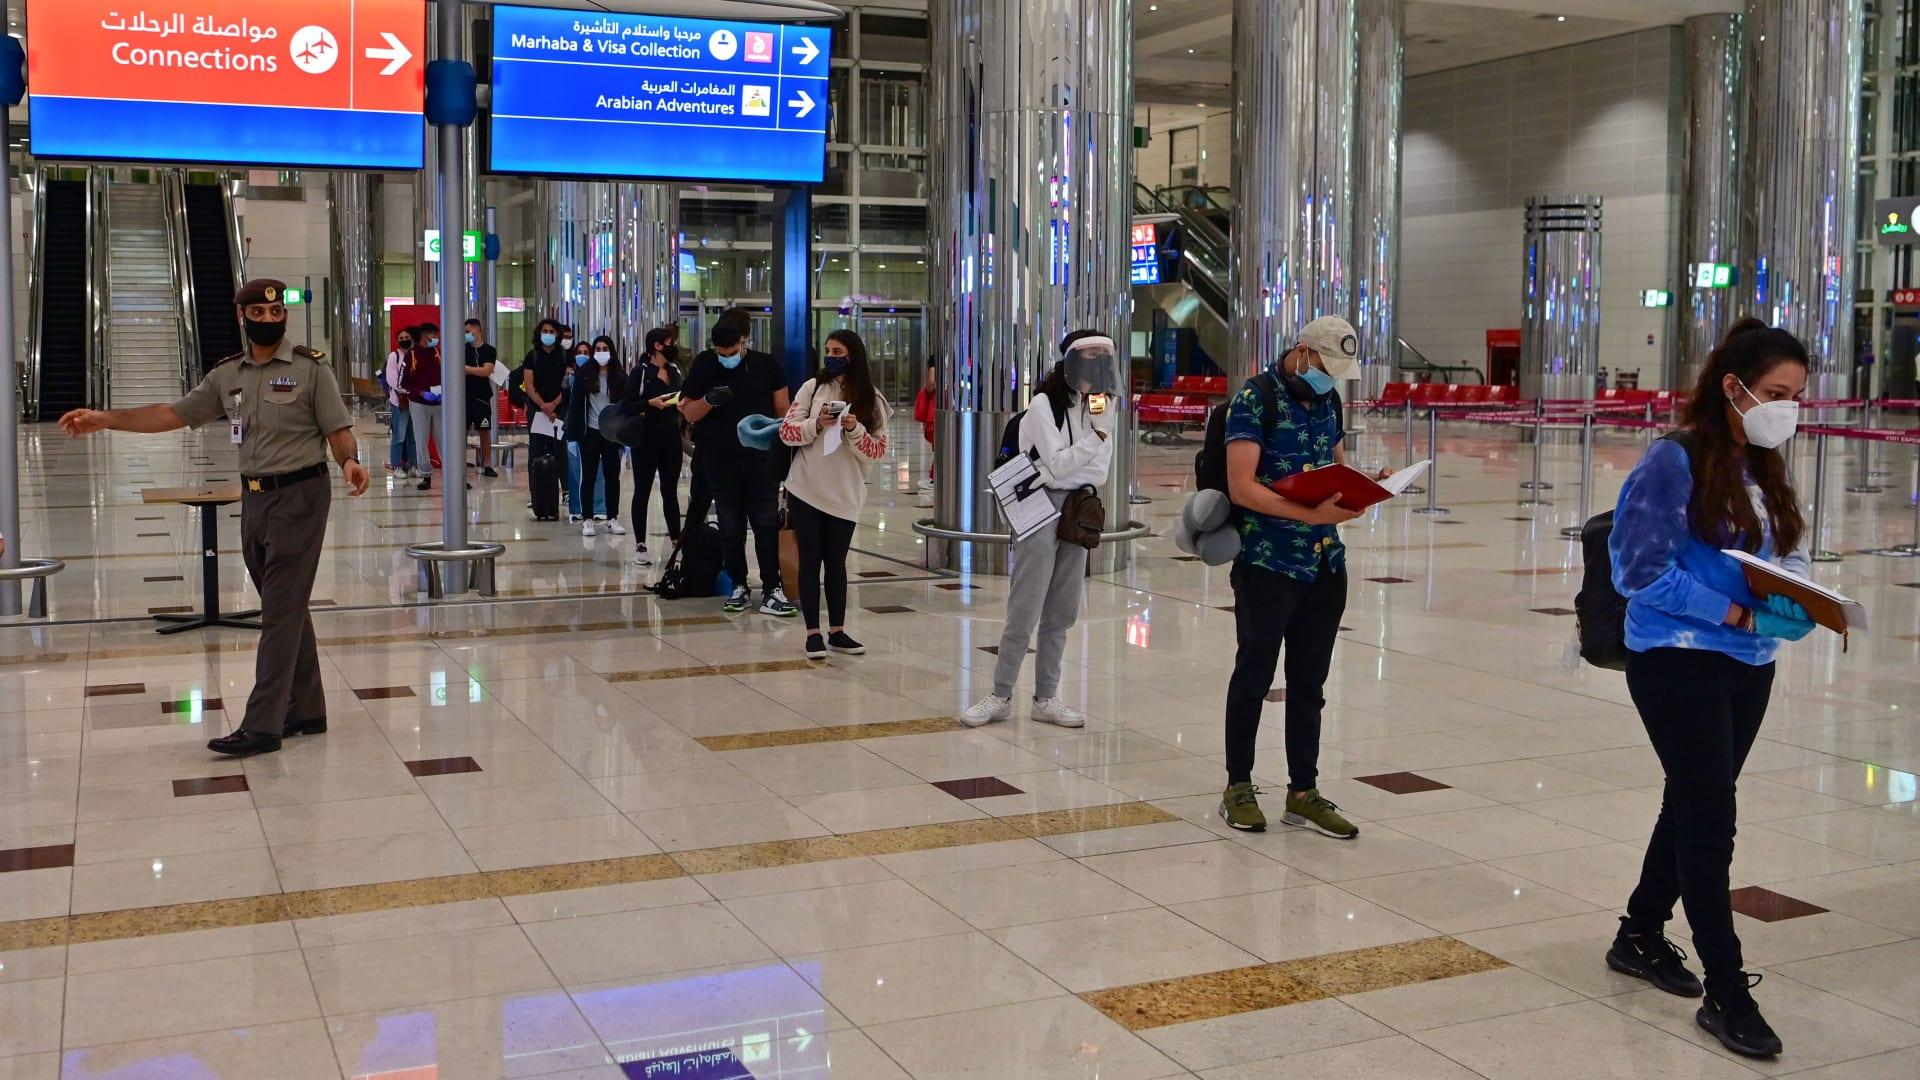 الإمارات تعلن تعليق دخول القادمين من فيتنام اعتبارا من 5 يونيو